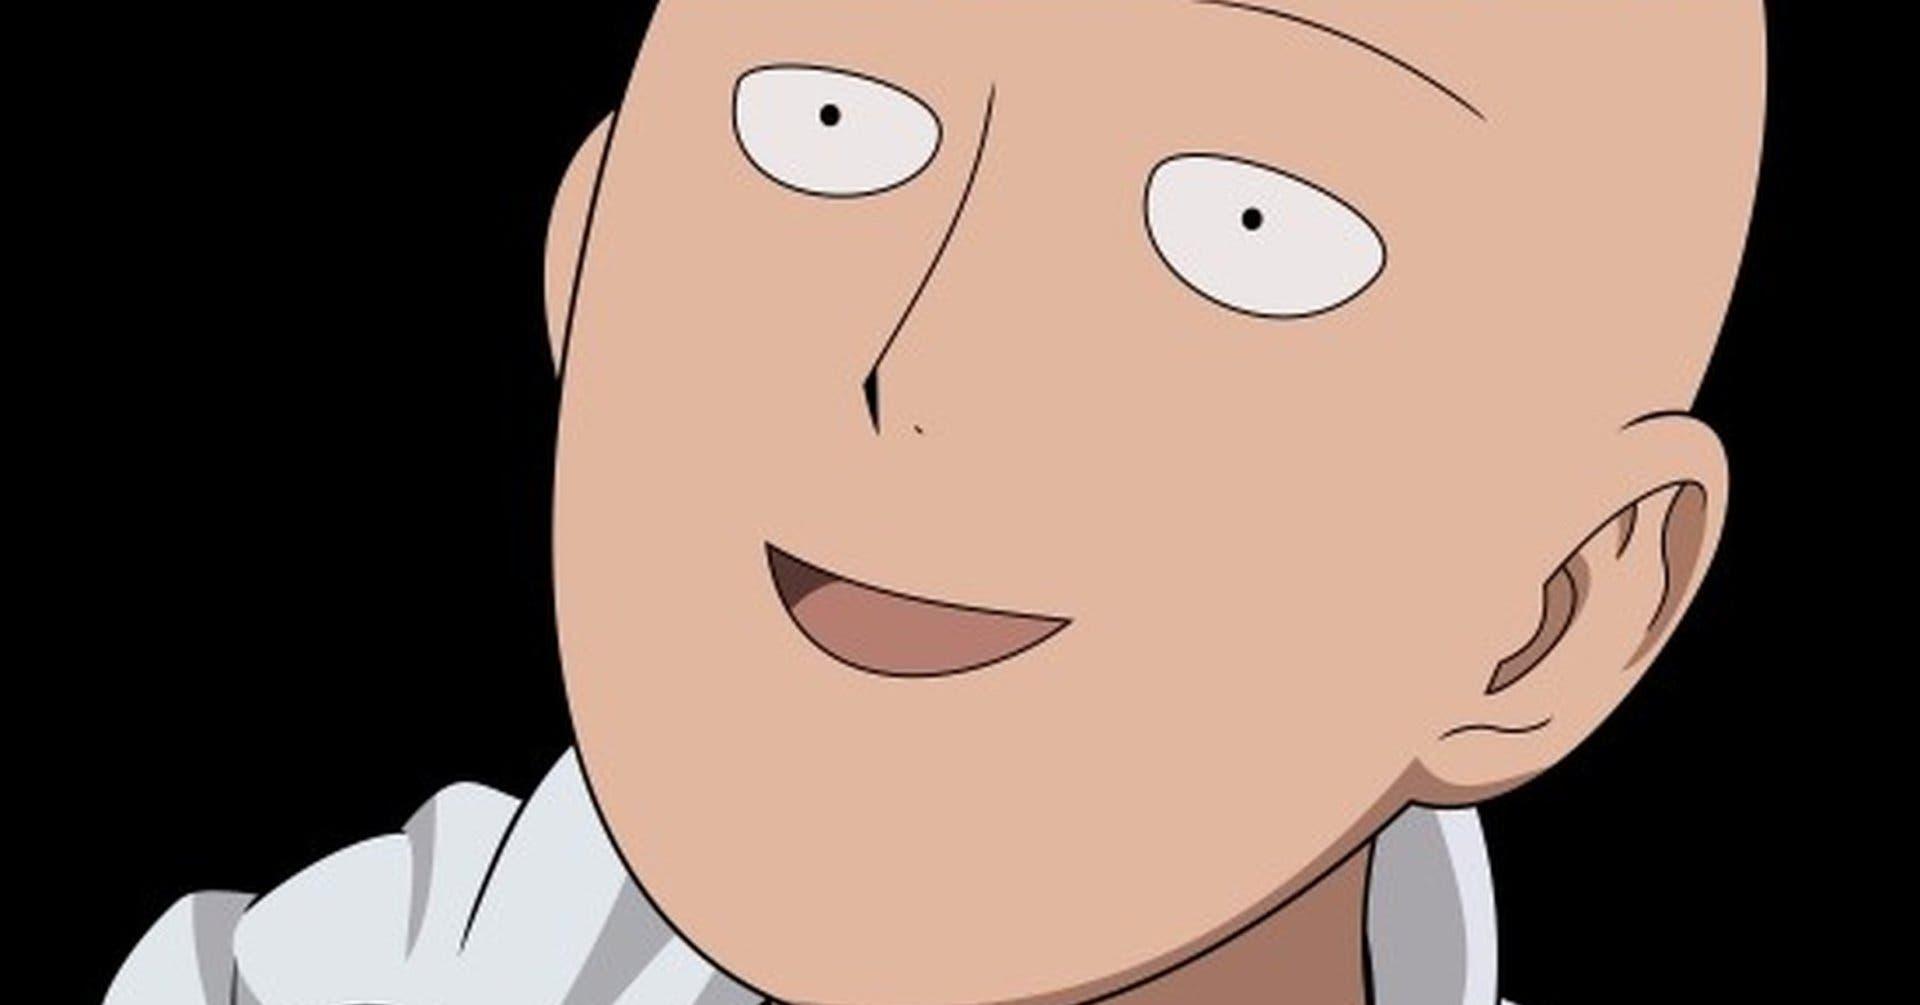 Imagen de One Punch Man: Esta es la increíble figura de Saitama